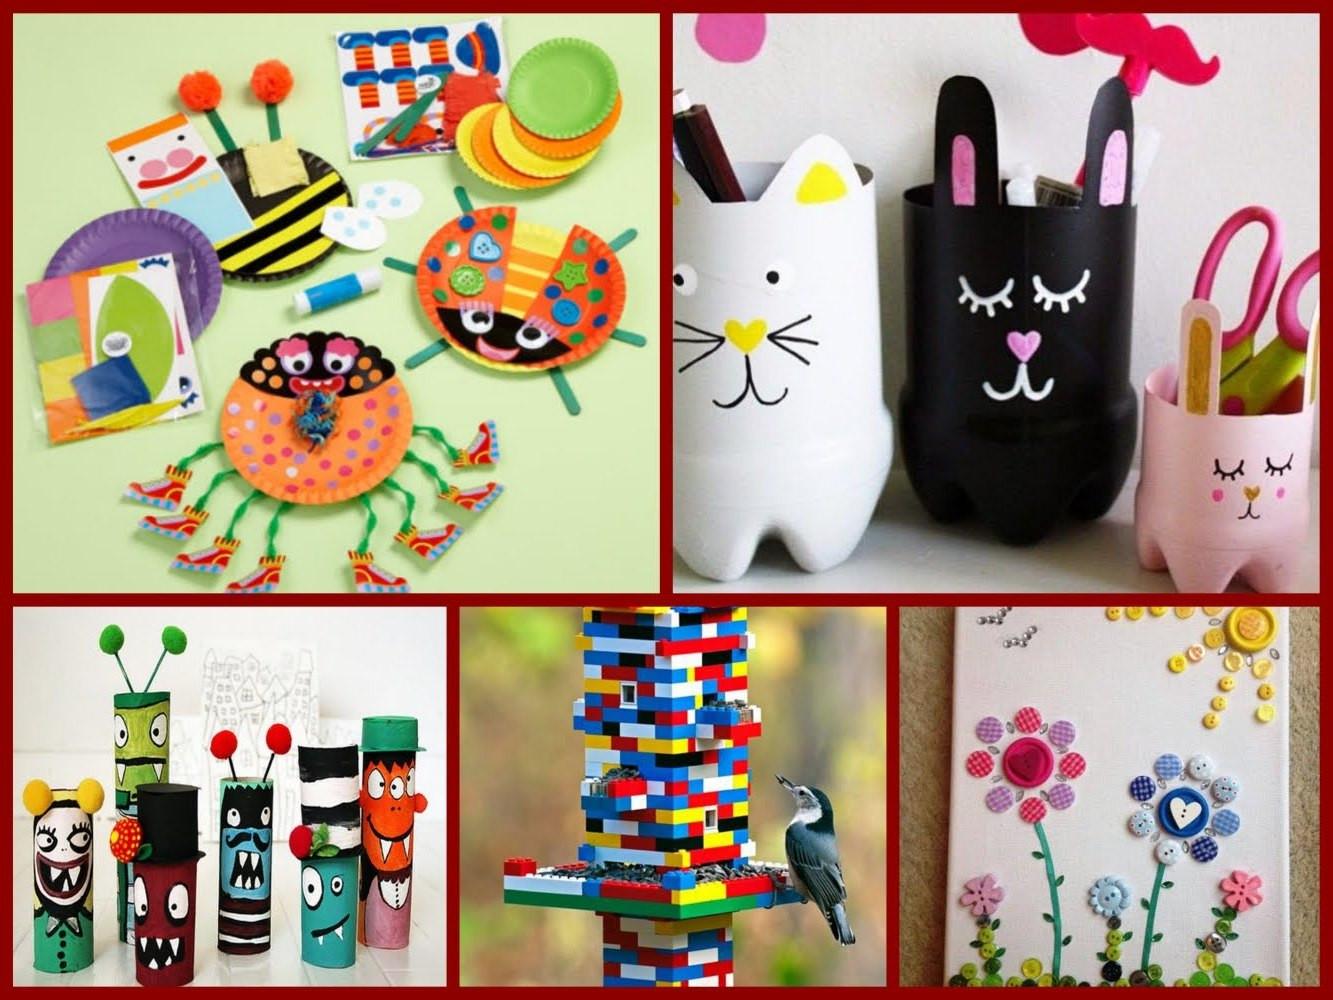 Geburtstagsparty Ideen Für 12 Jährige  Gestalten Sie eine tolle Kinder Party mit den Bastelideen